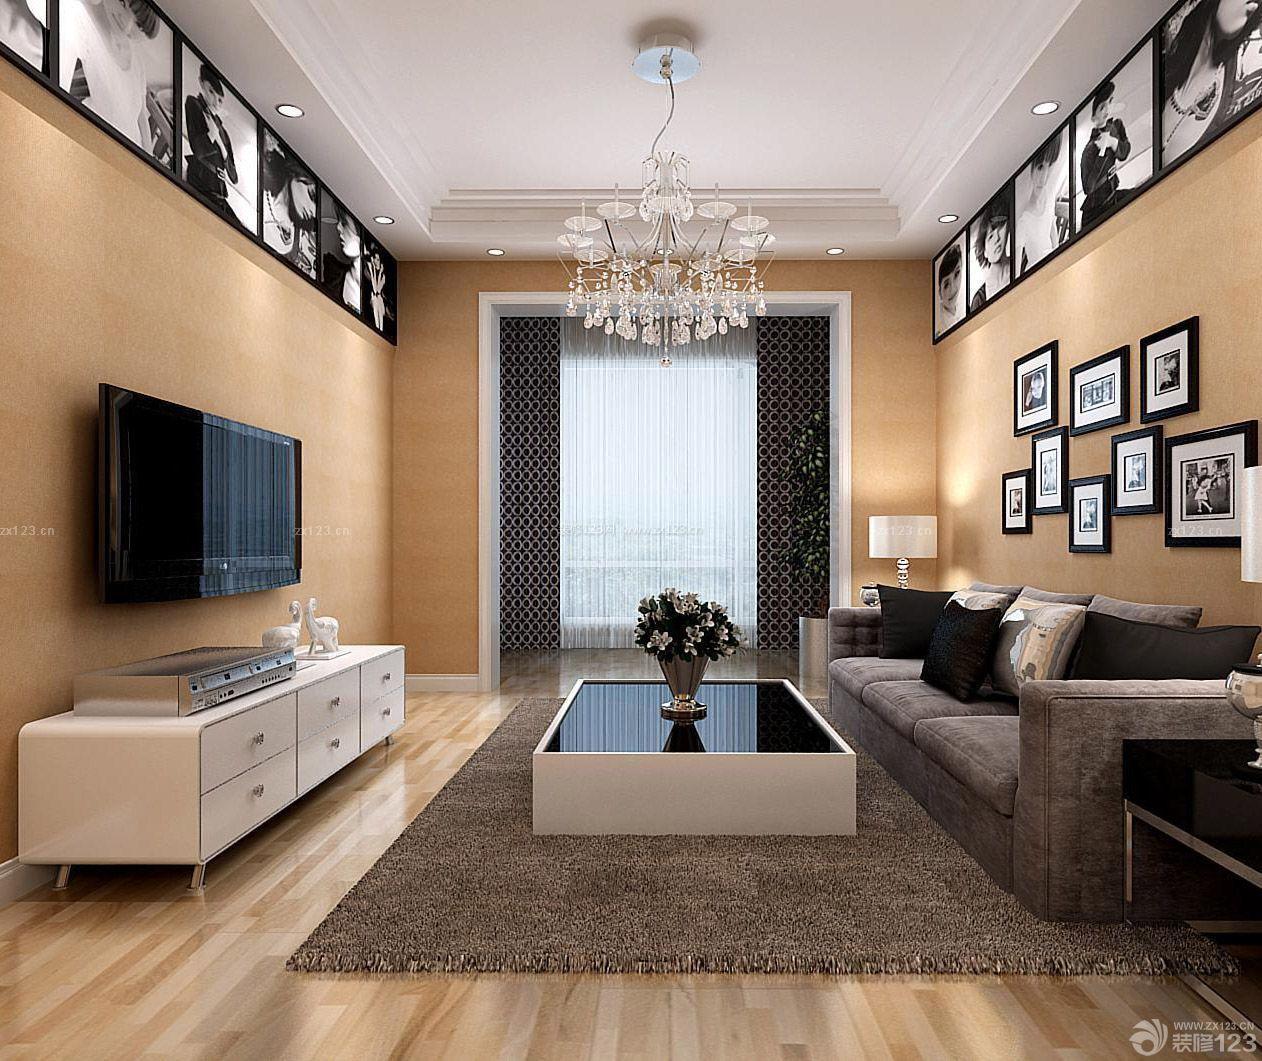 现代风格家装90平米两室两厅房子装修方案